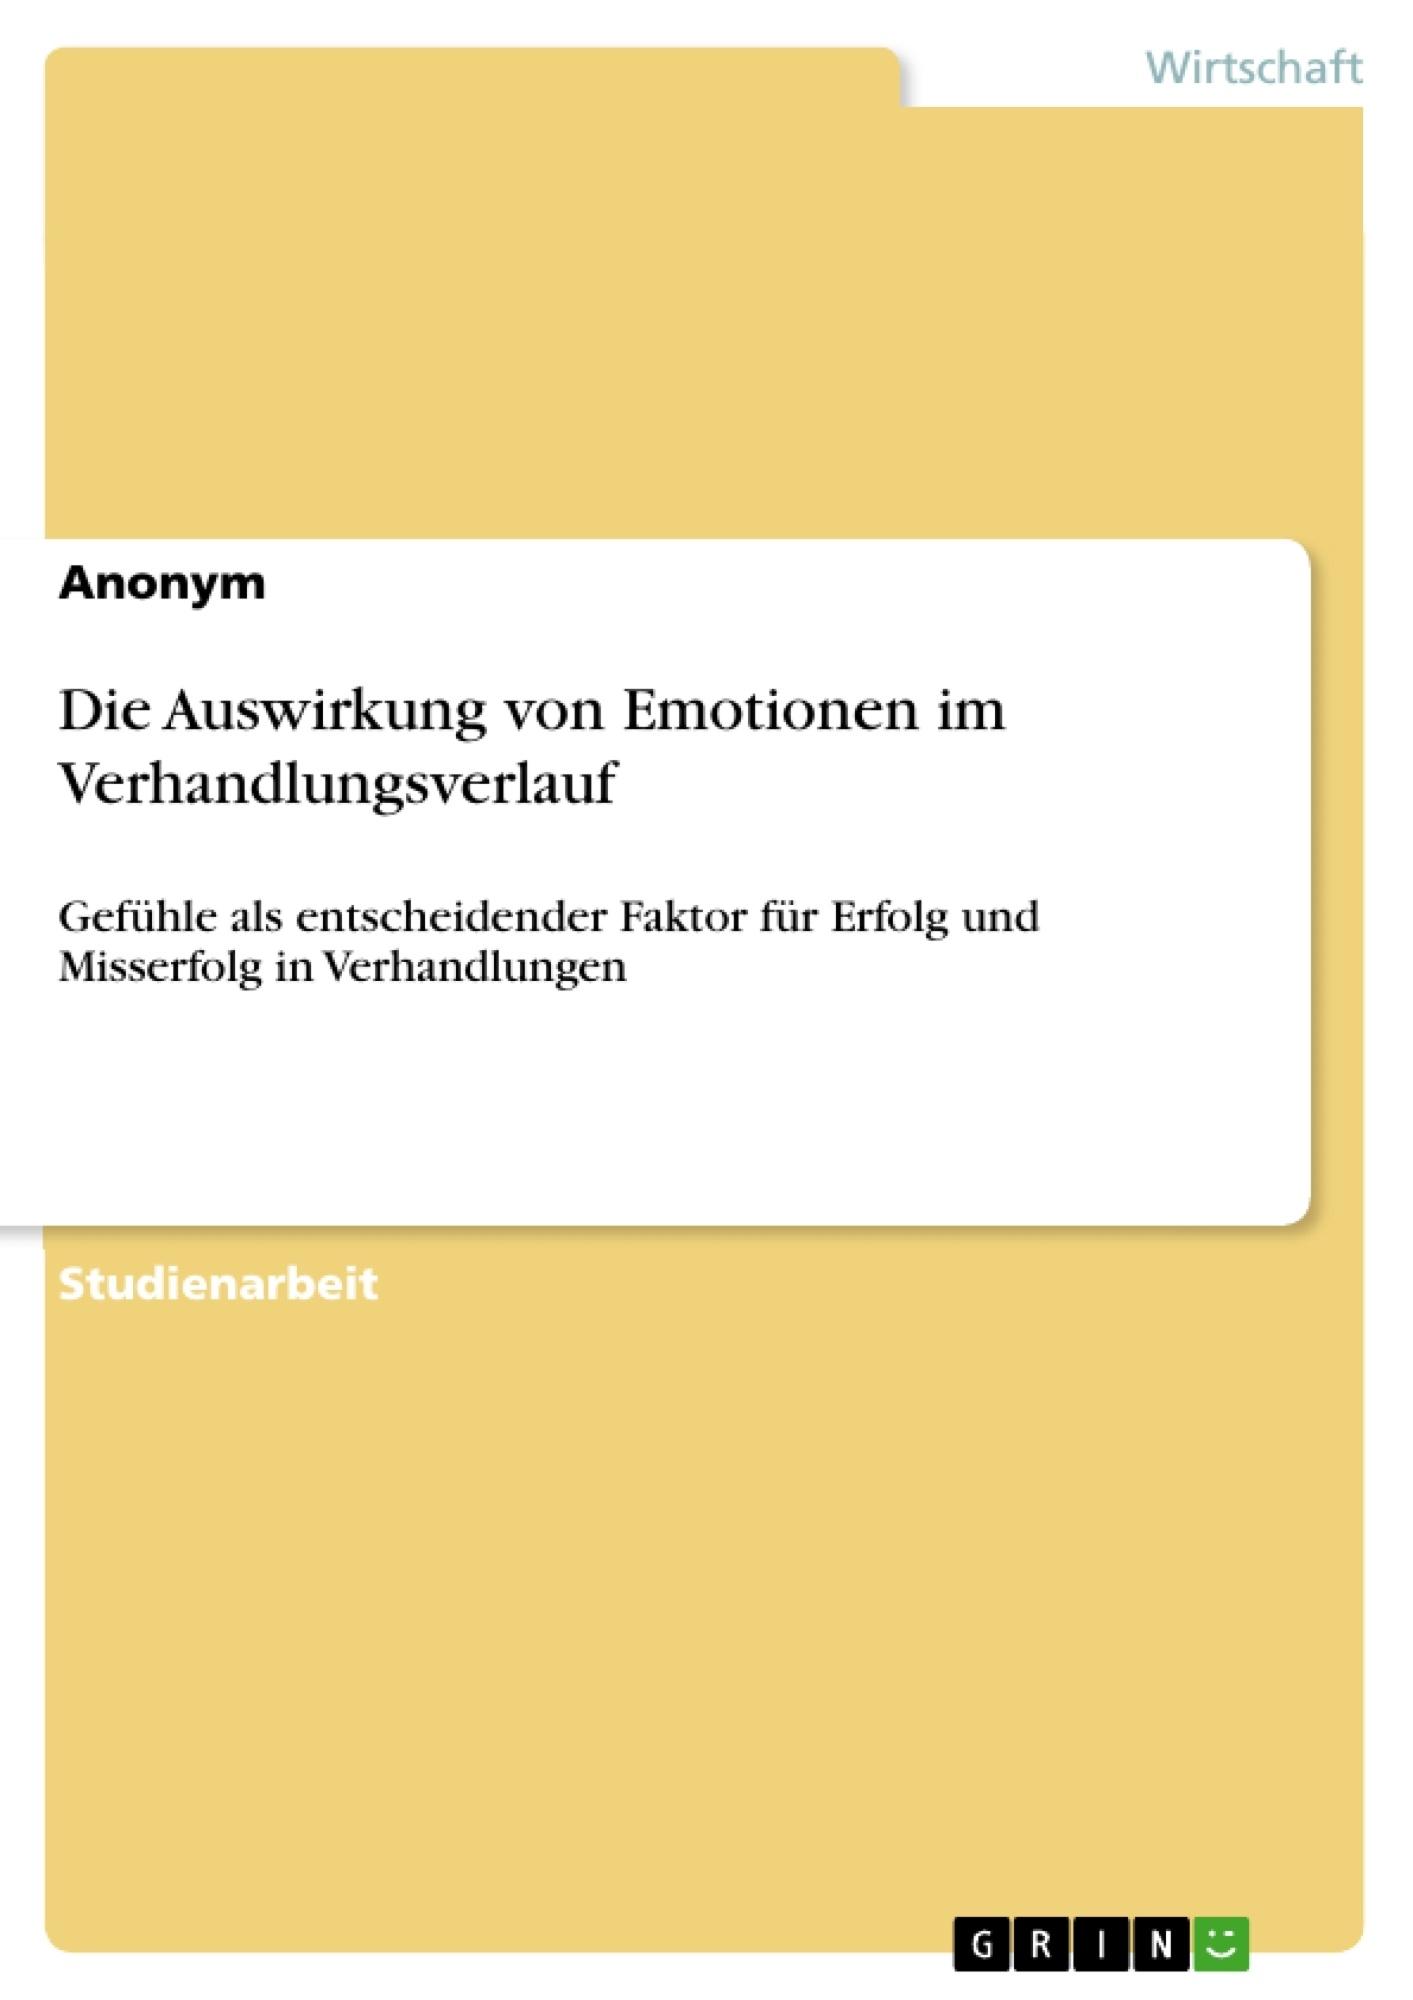 Titel: Die Auswirkung von Emotionen im Verhandlungsverlauf